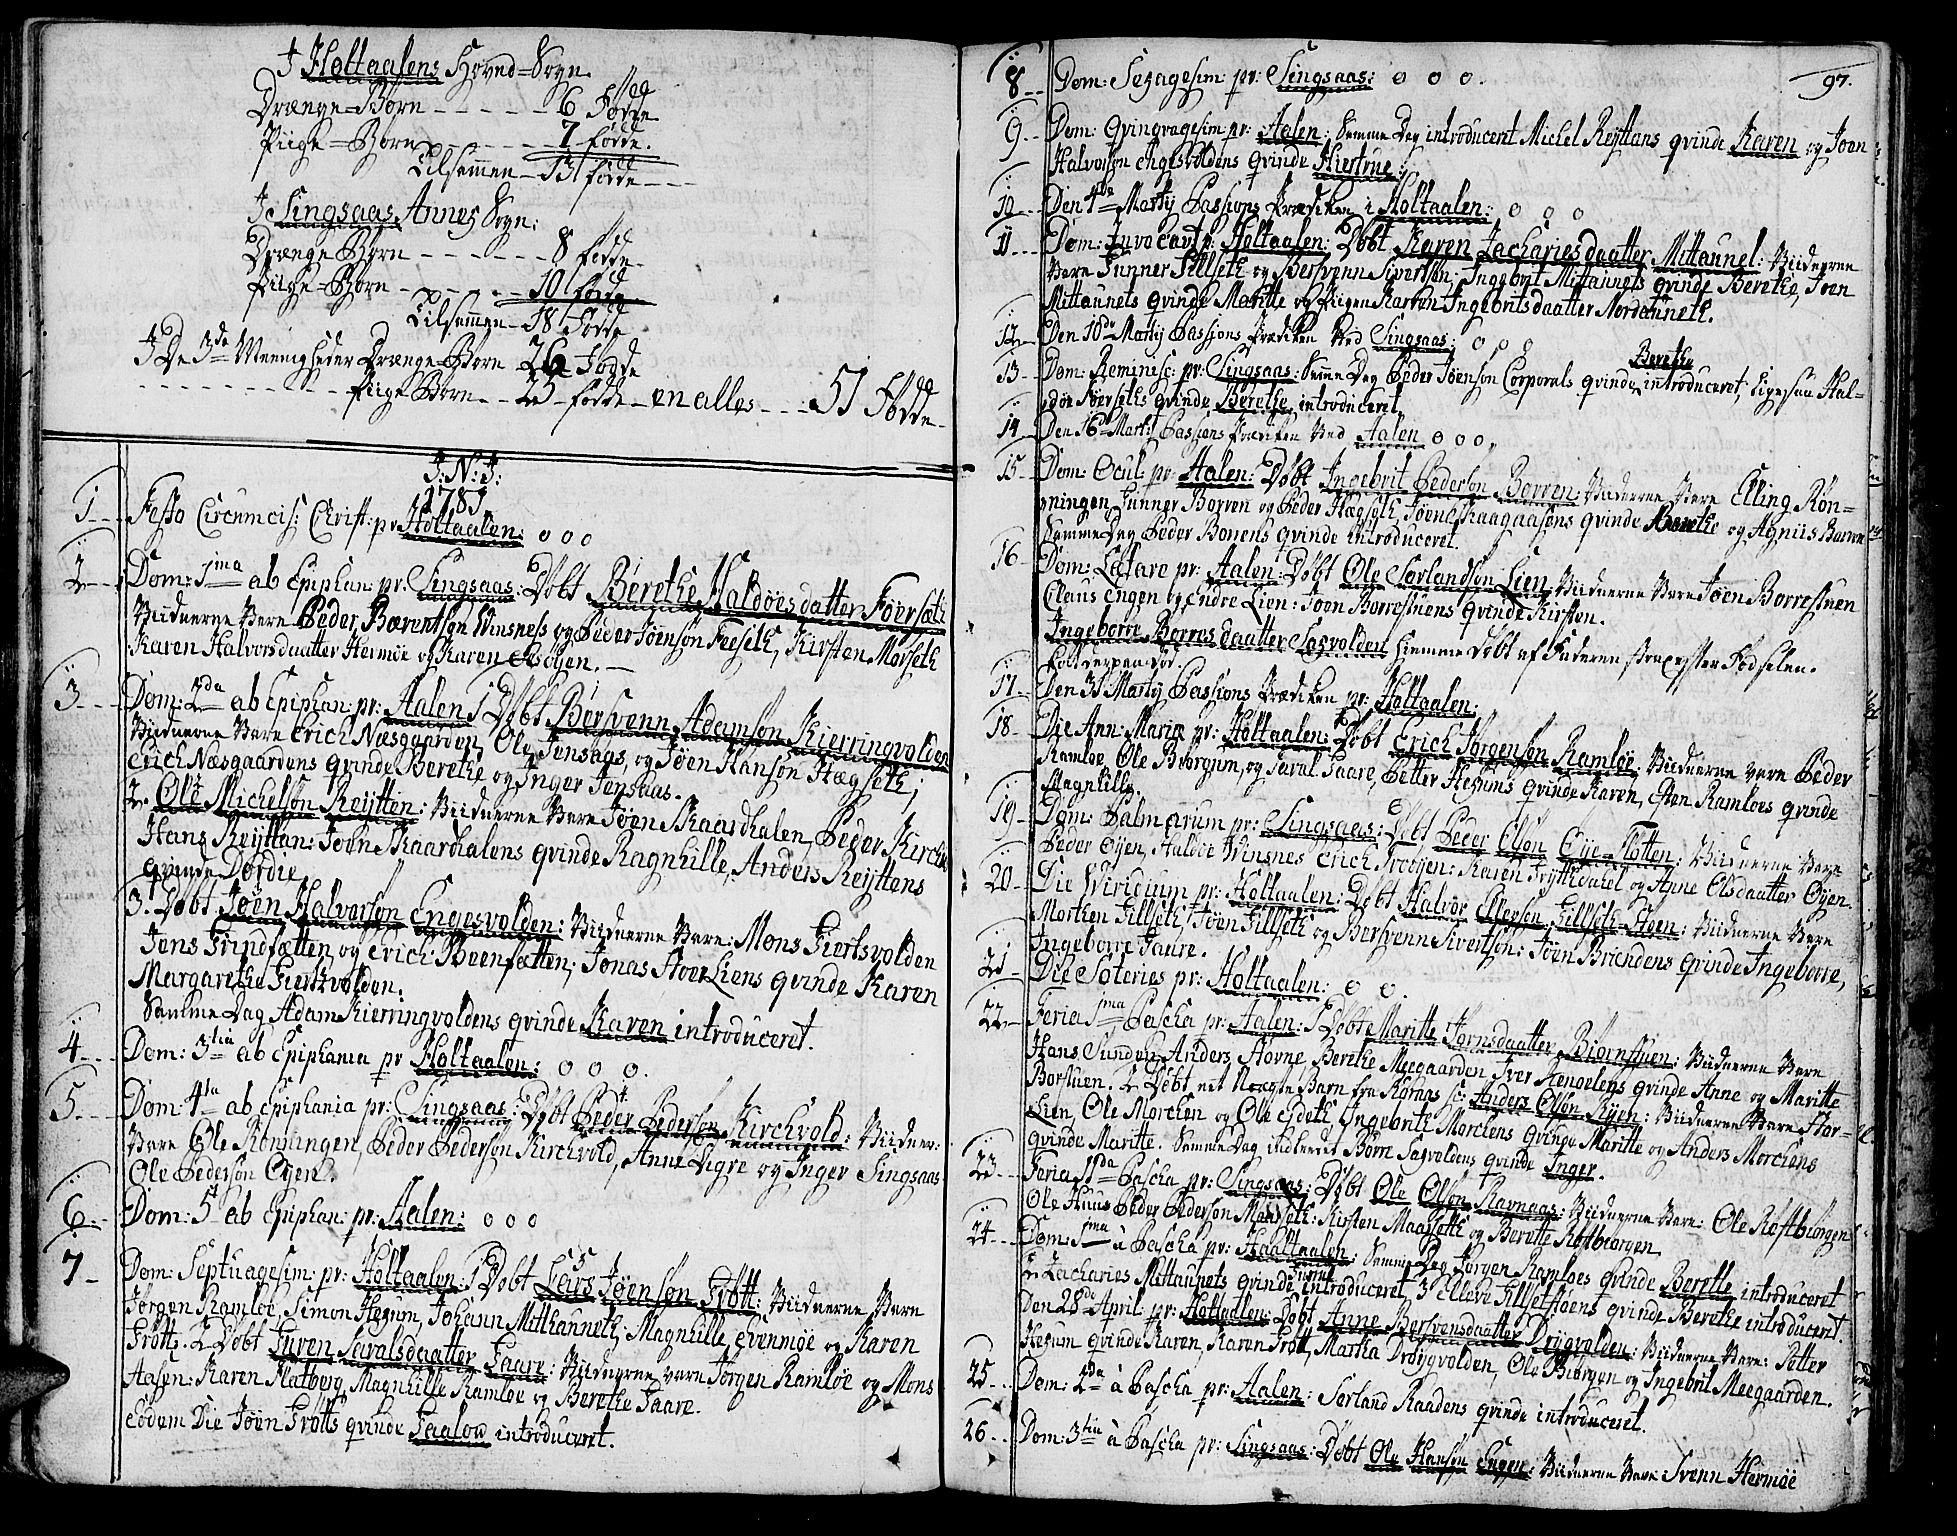 SAT, Ministerialprotokoller, klokkerbøker og fødselsregistre - Sør-Trøndelag, 685/L0952: Ministerialbok nr. 685A01, 1745-1804, s. 97